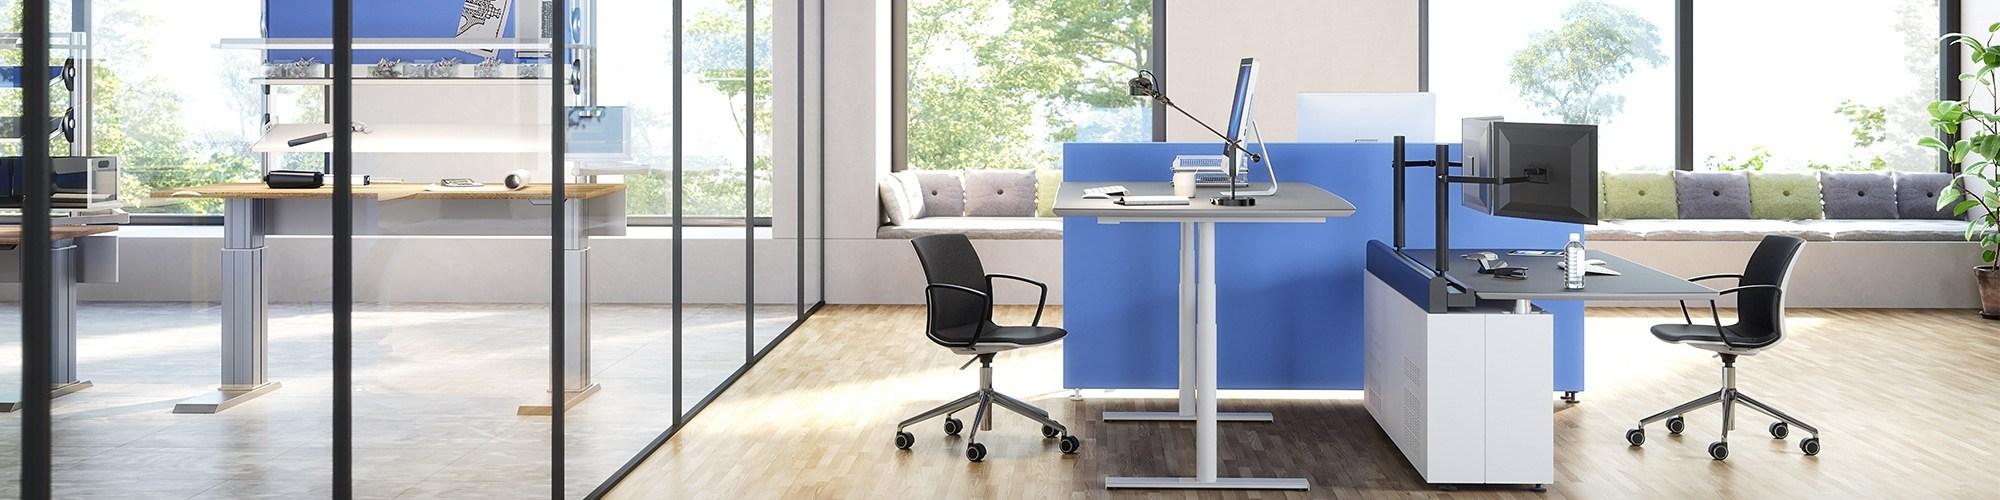 Työpöydät